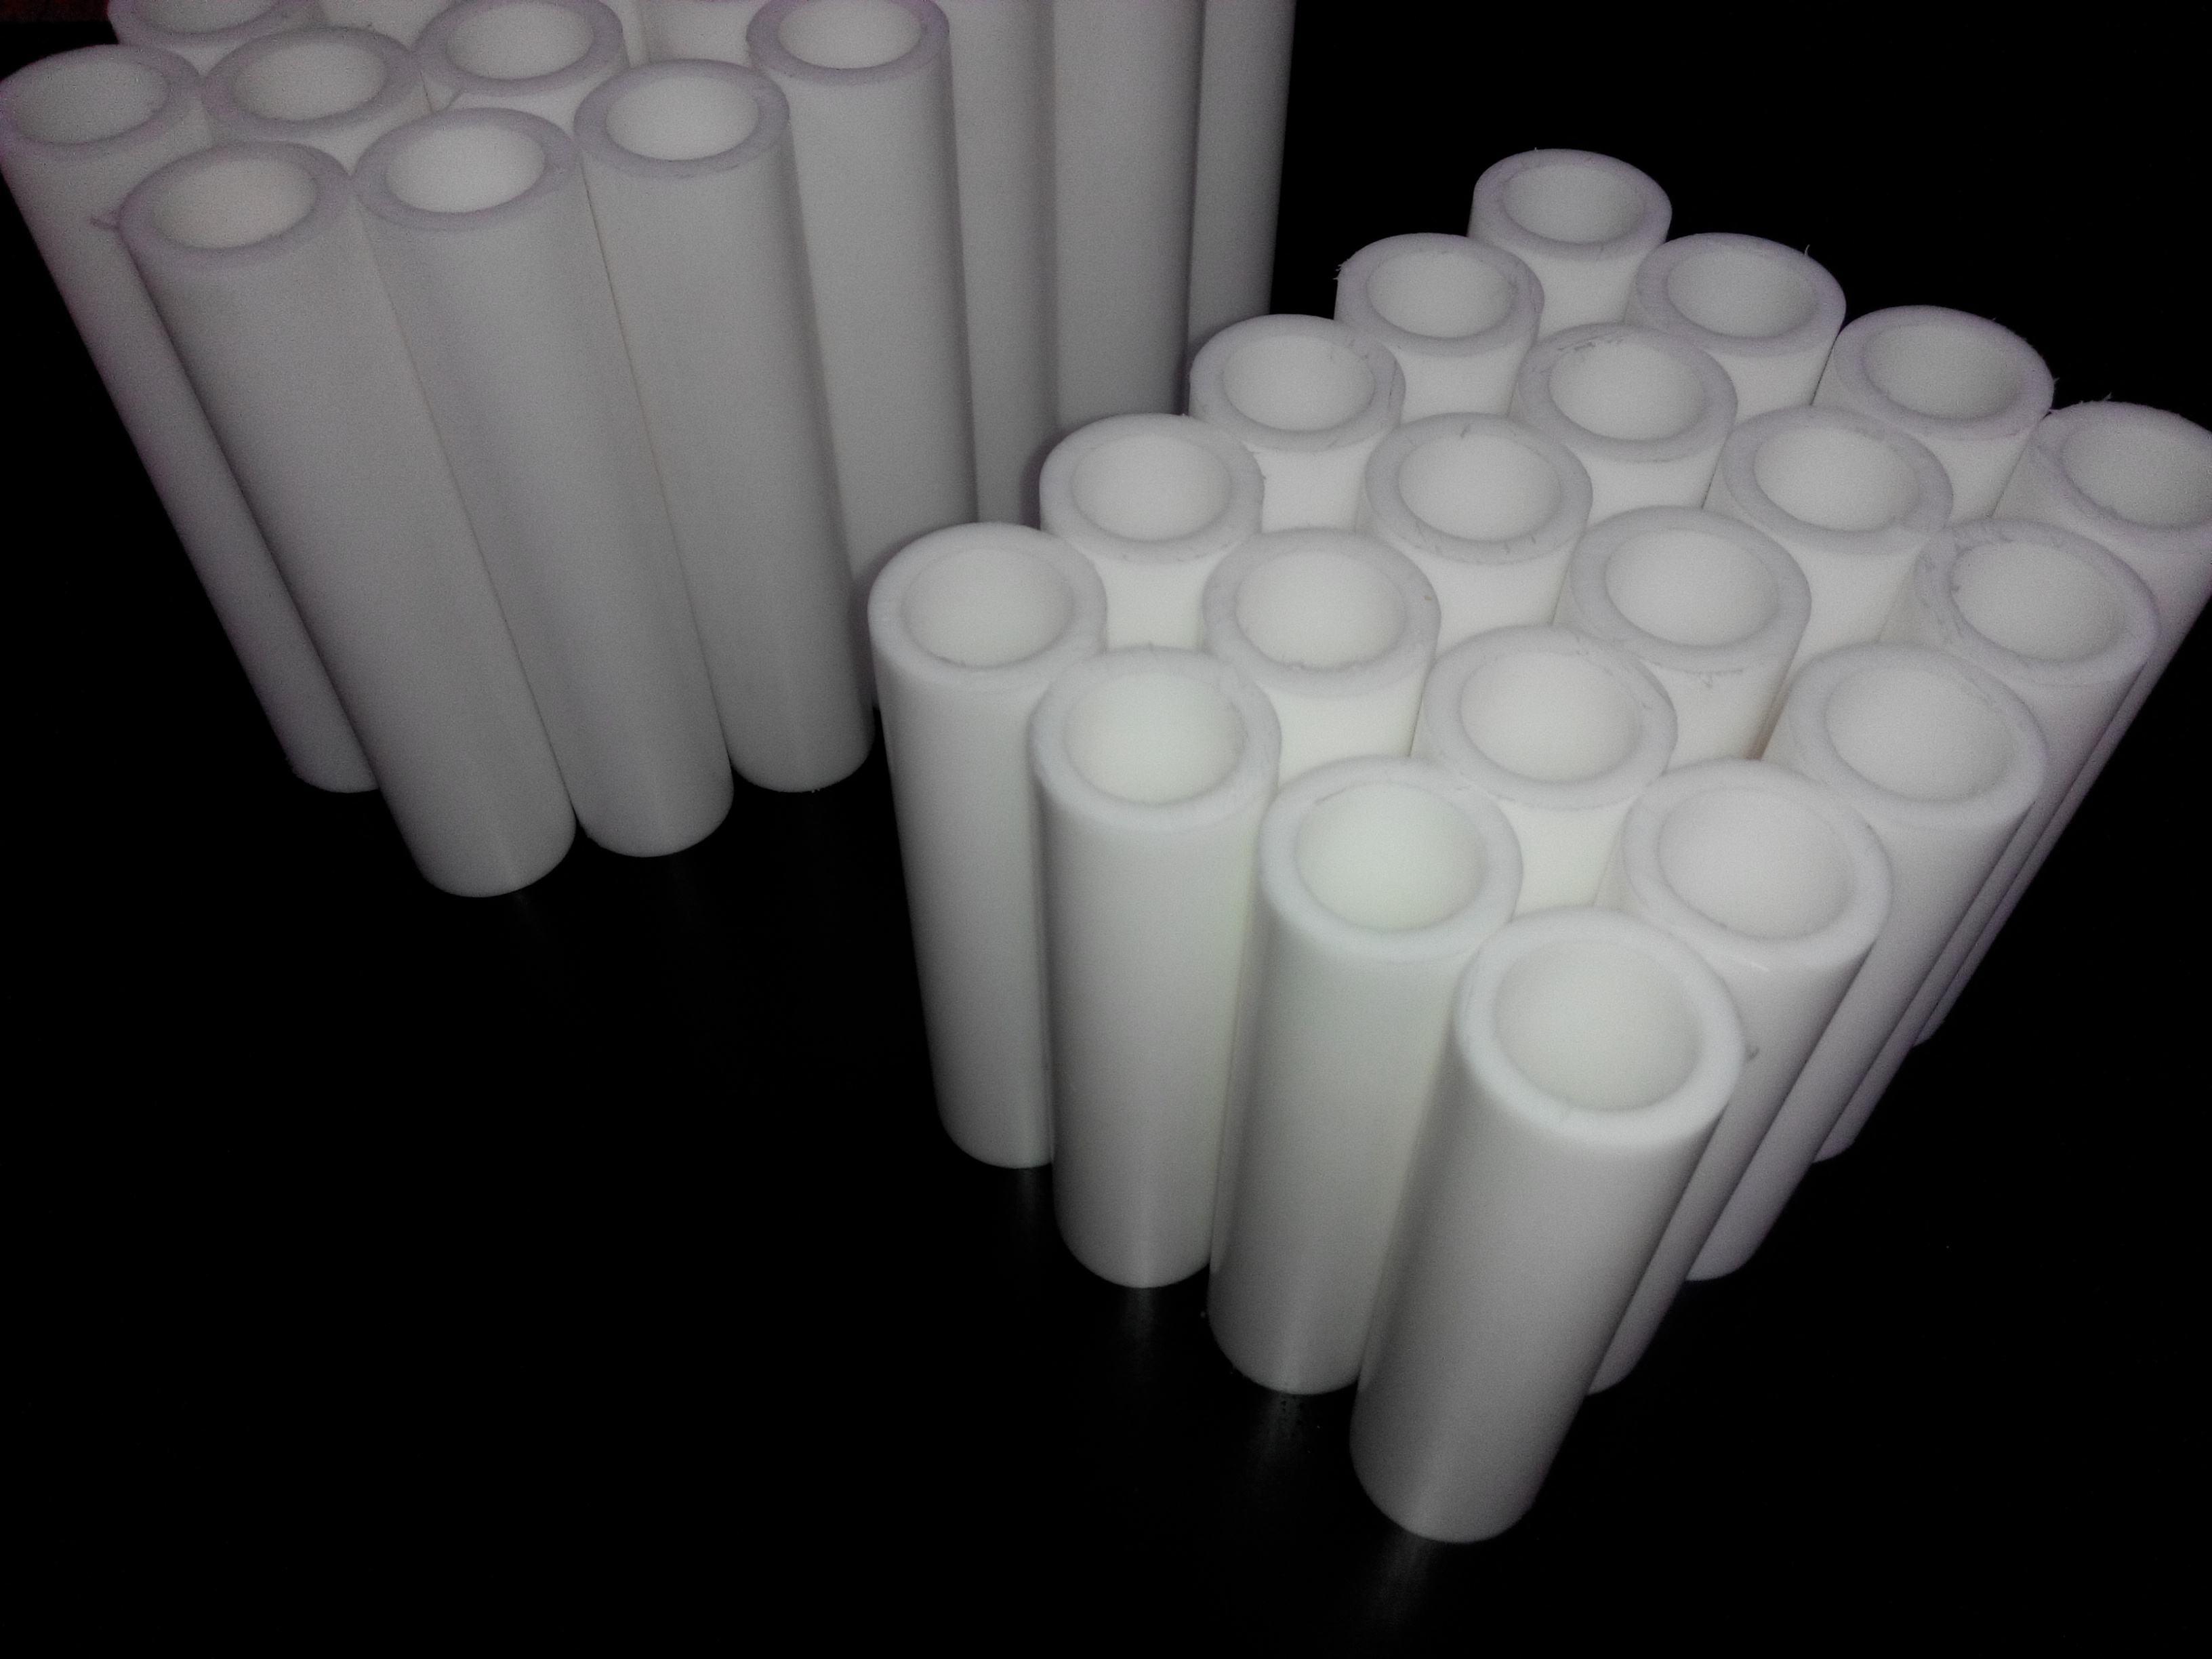 铁氟龙批发加工厂商告诉你什么叫铁氟龙的产品特性